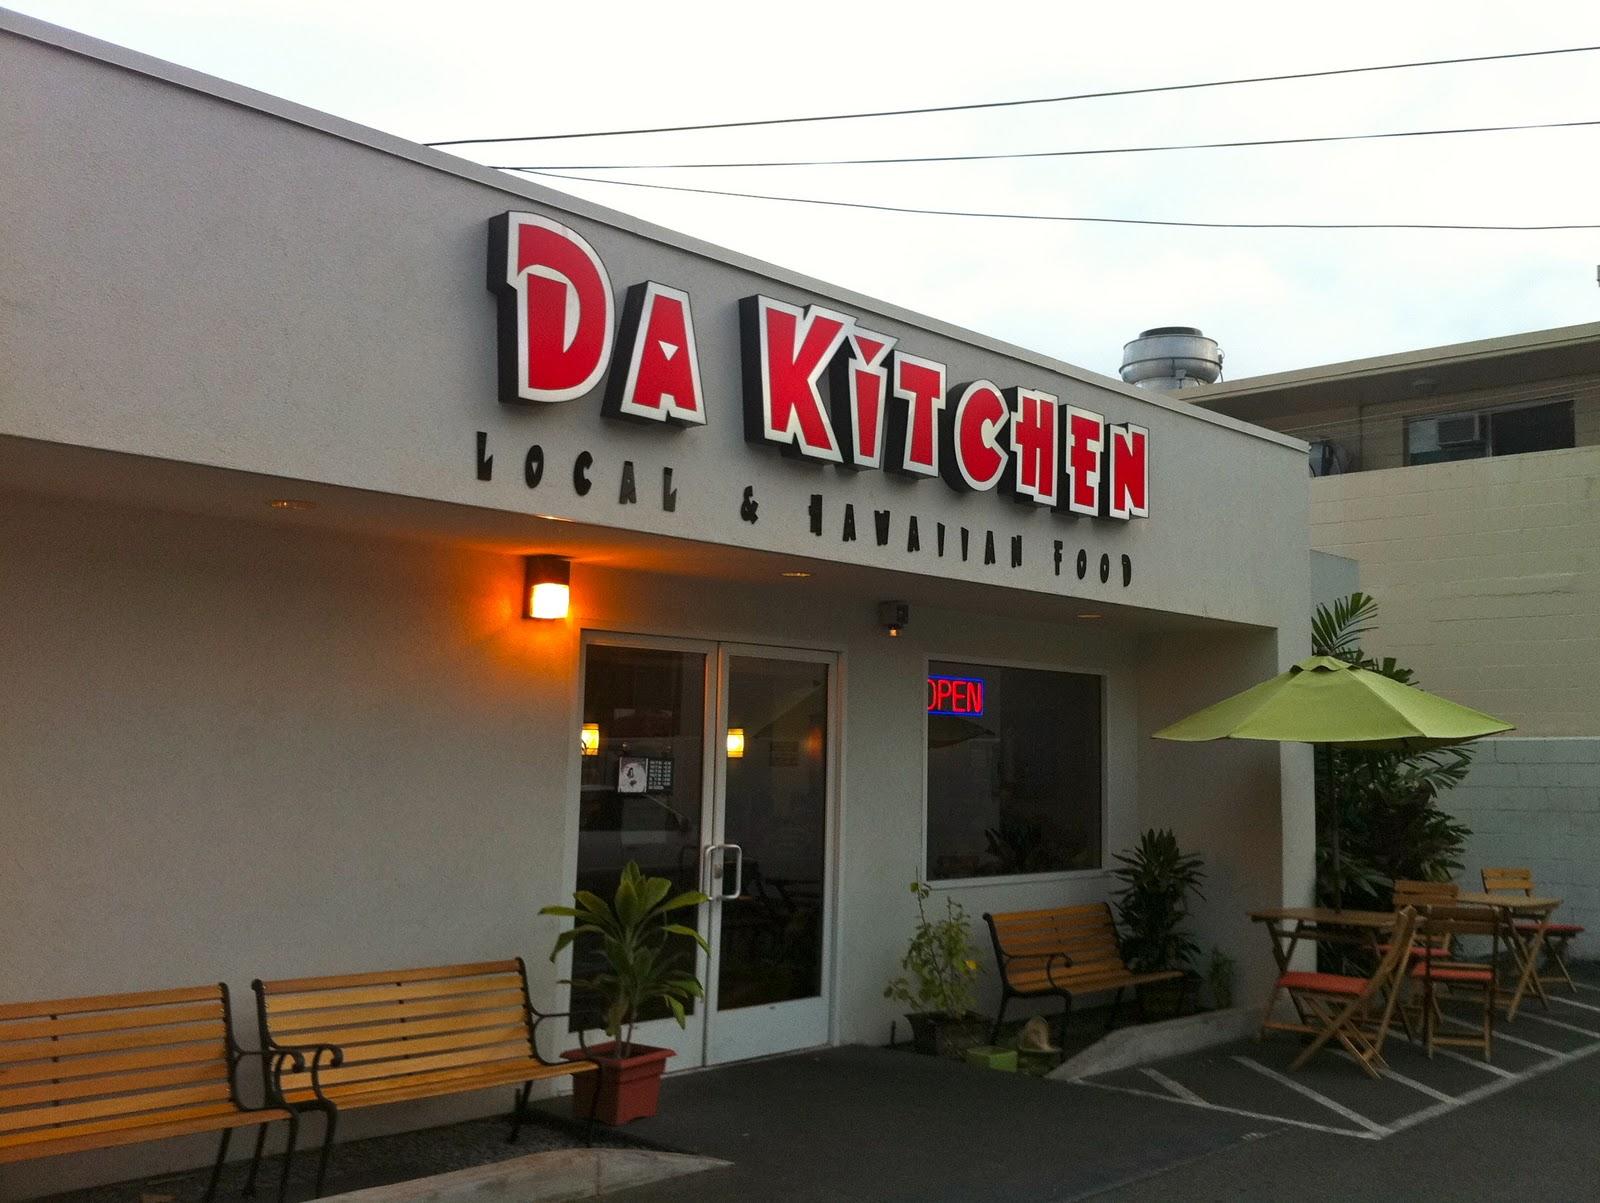 TASTE OF HAWAII DA KITCHEN CAFE  LOCAL AND HAWAIIAN FOOD